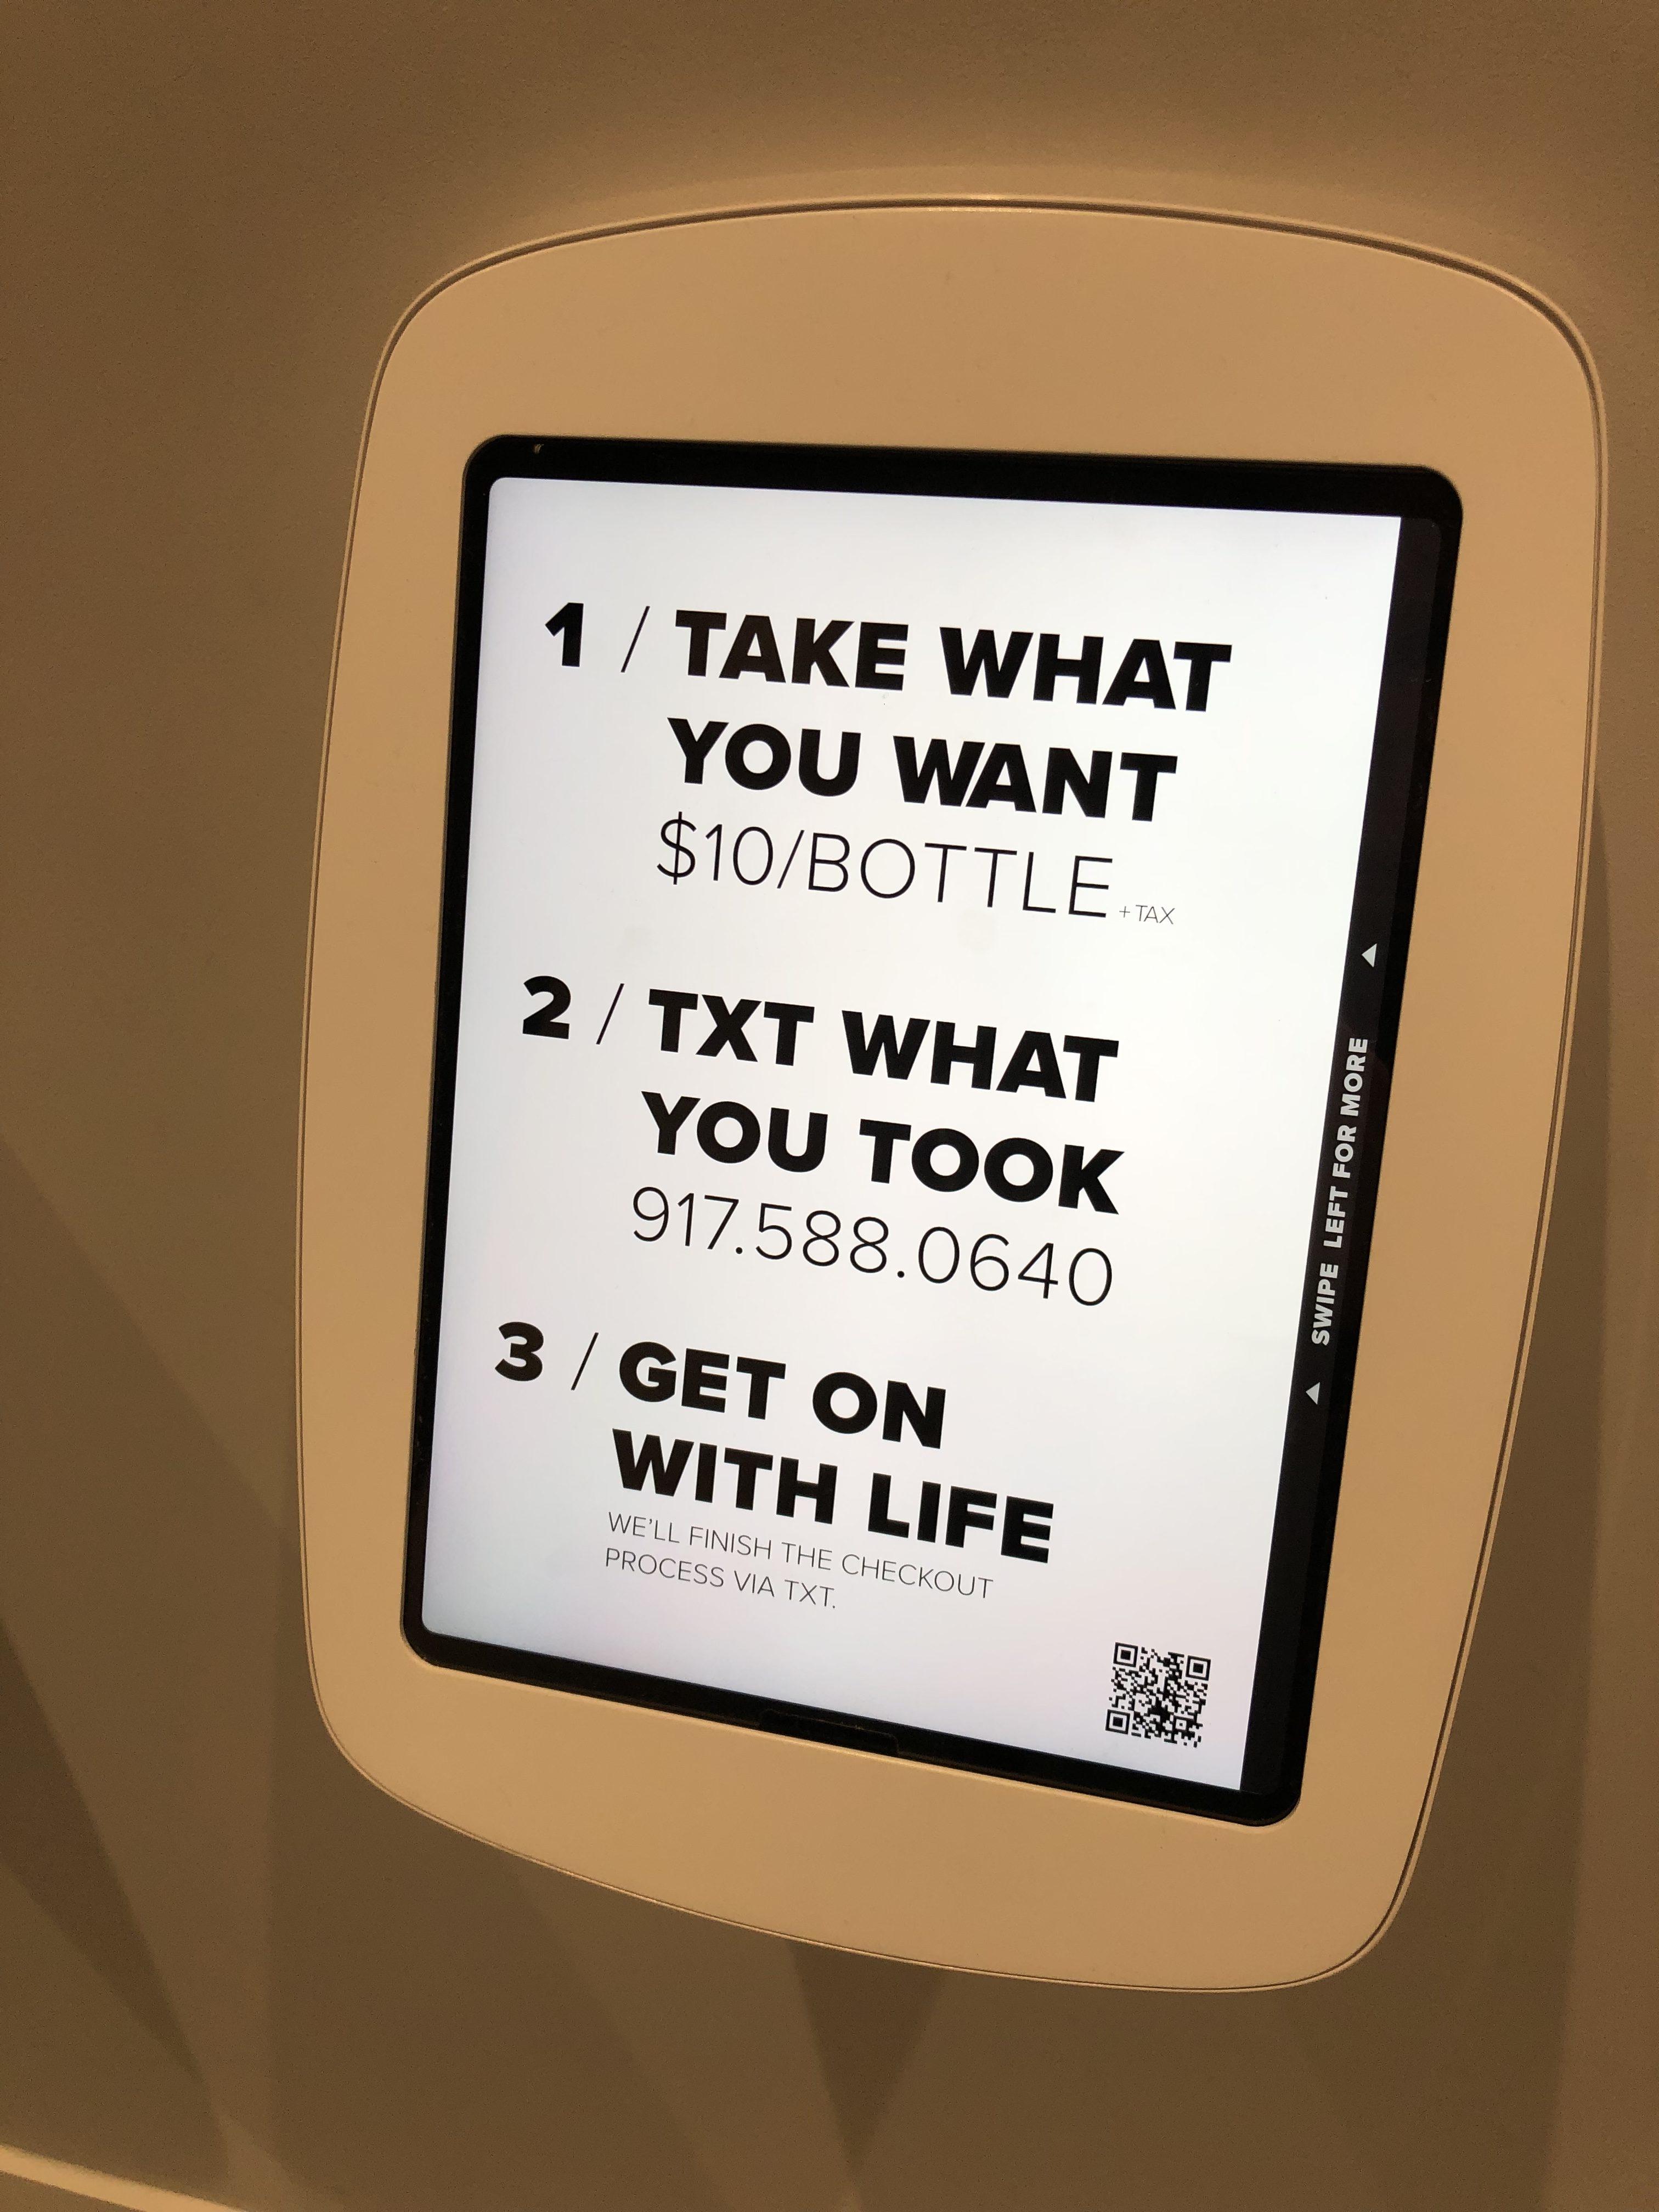 Tome lo que quiera, pague y siga su vida. #Retail